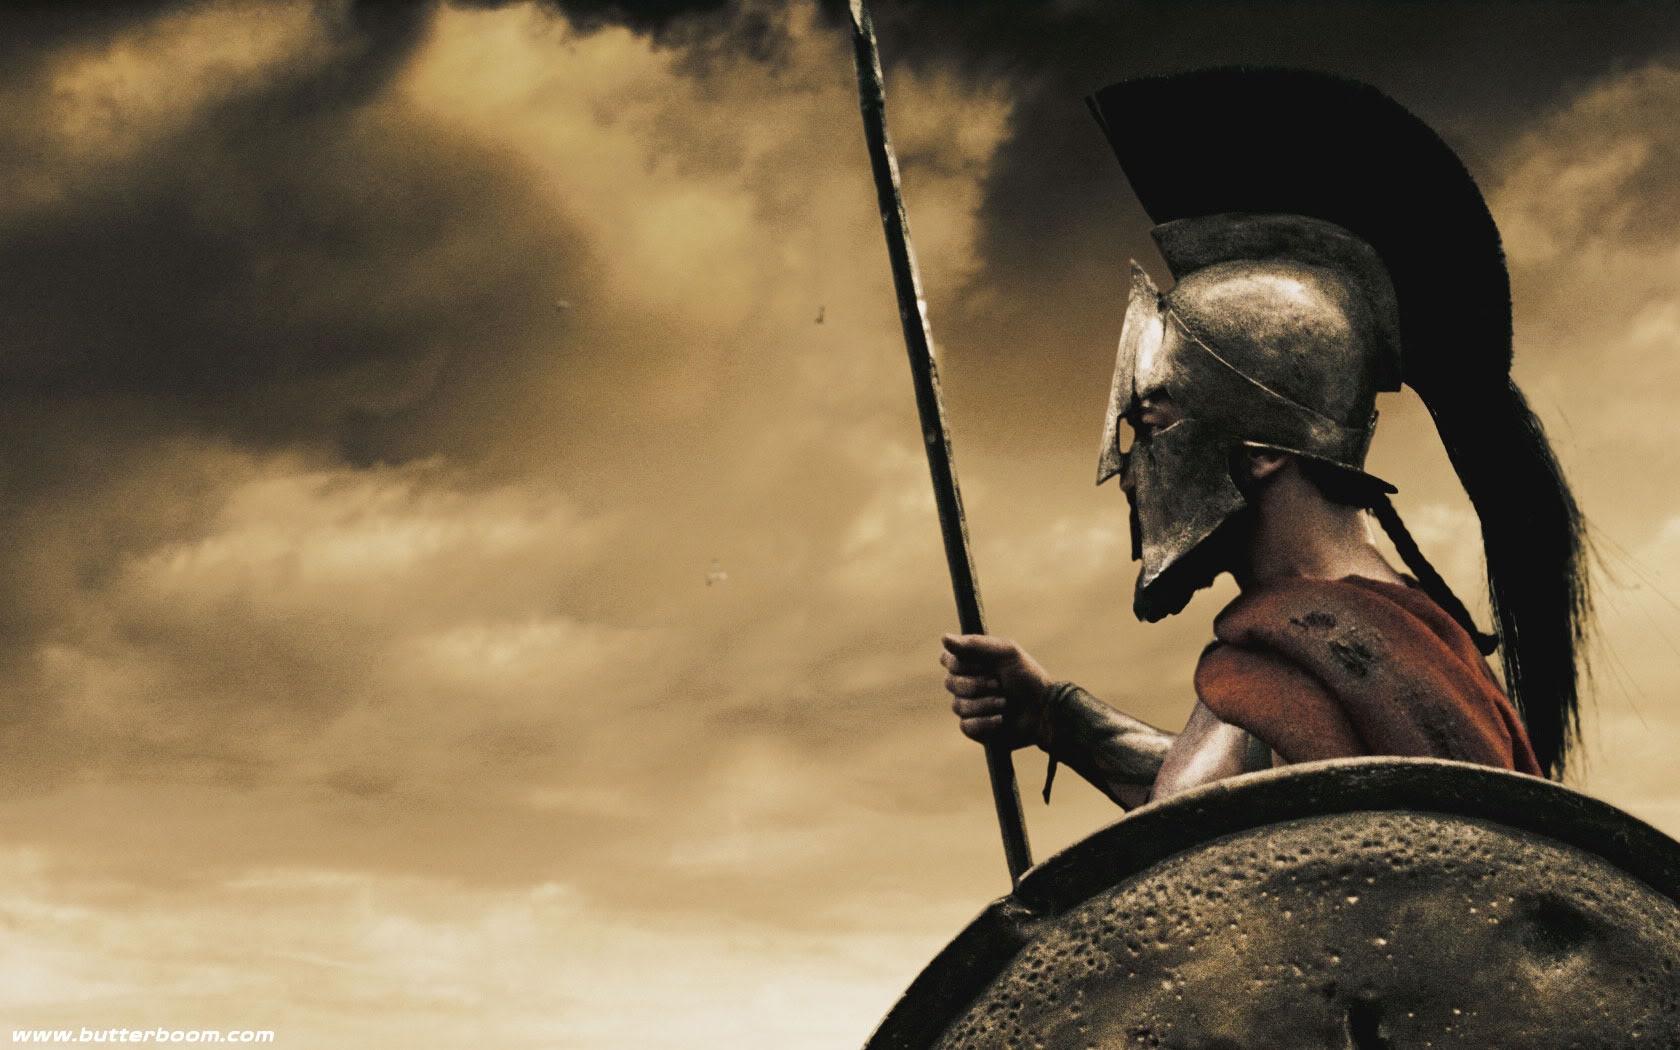 微軟Spartan 體驗,不僅快,還挺好用的樣子